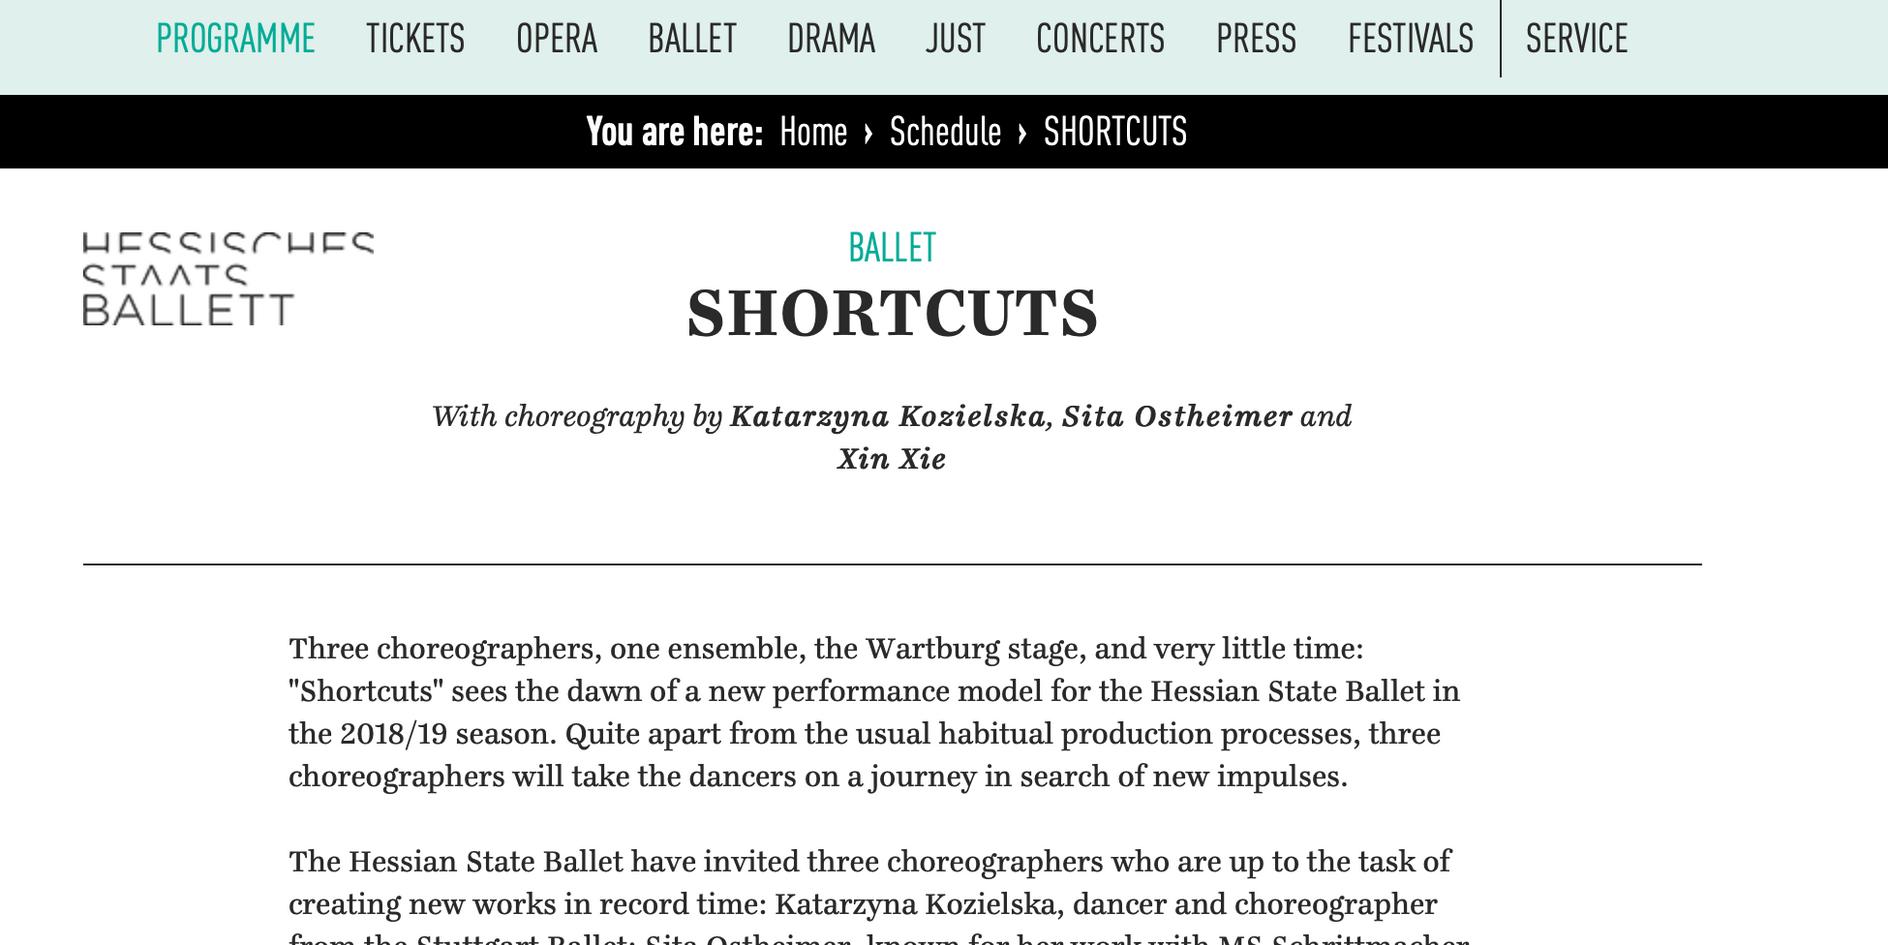 Hessisches  Staat Ballett